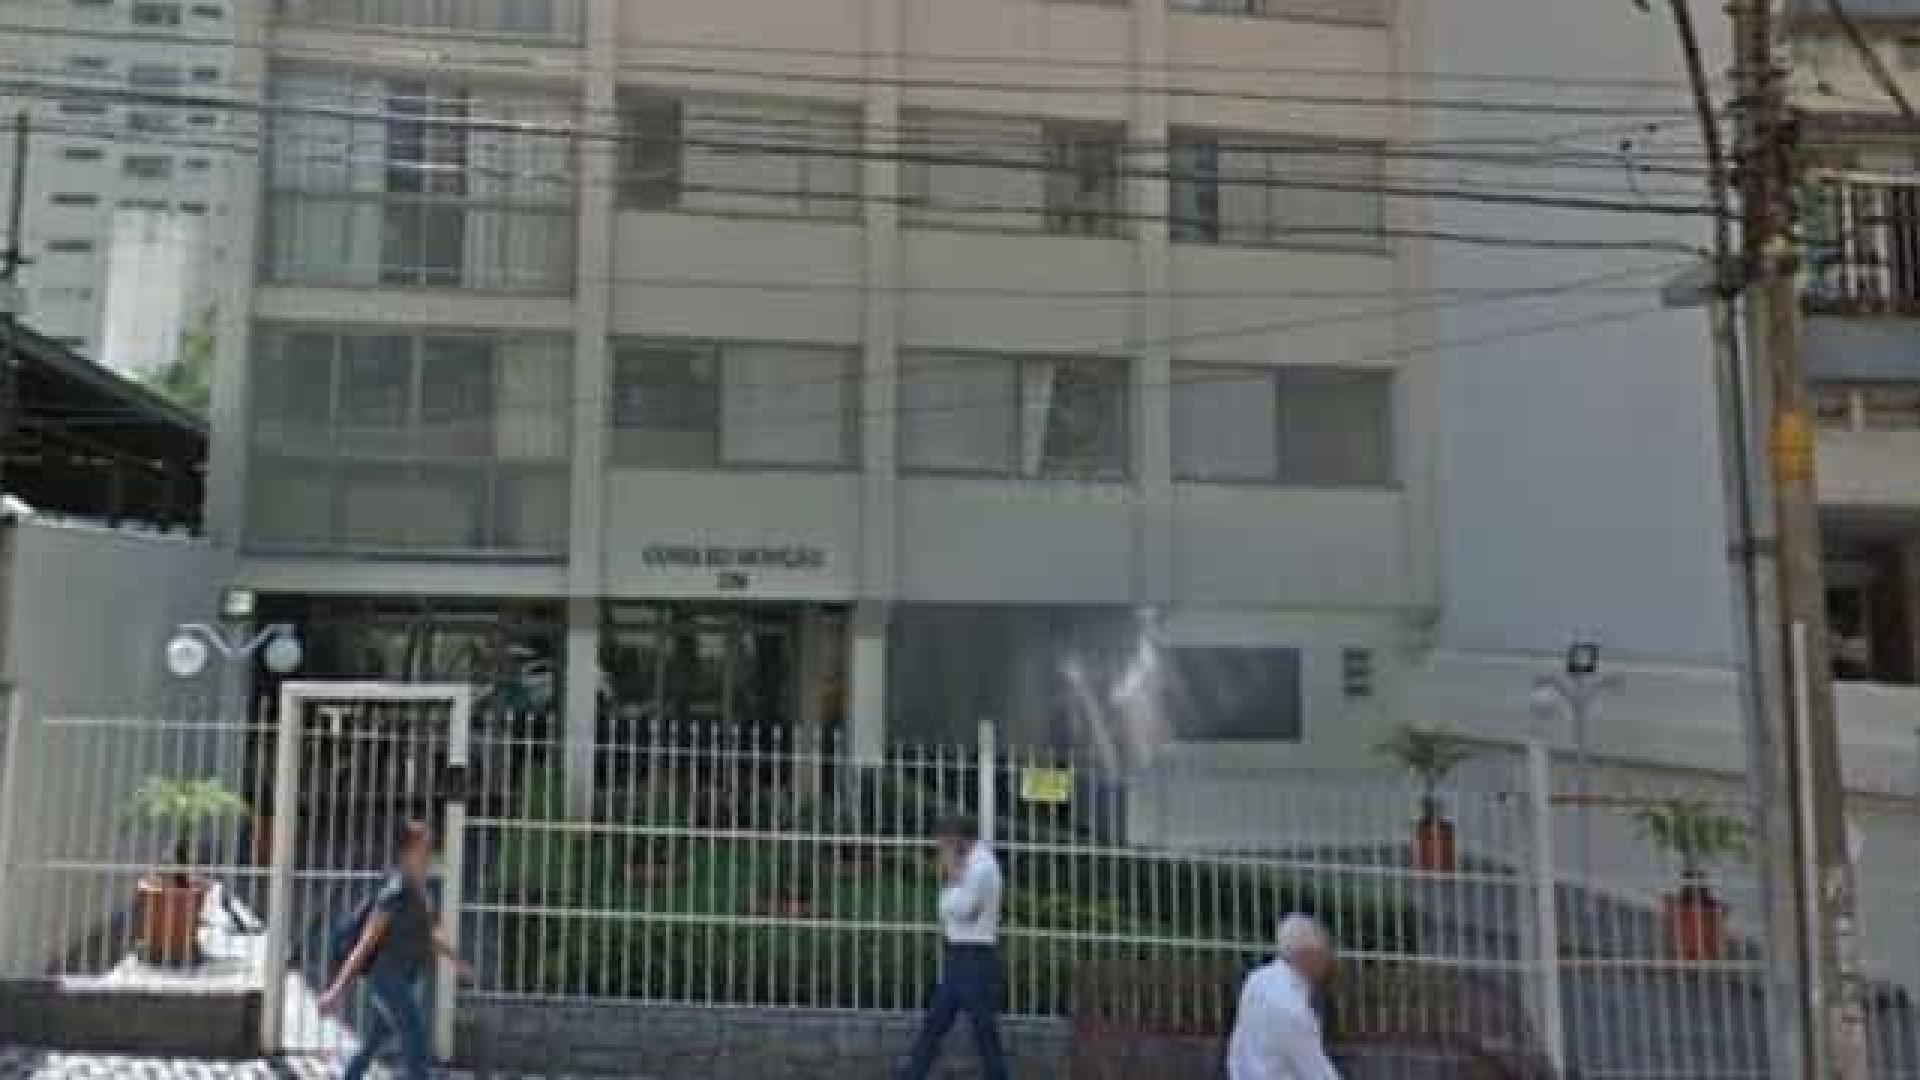 Menino morre após cair do 12º andar de prédio no centro de SP